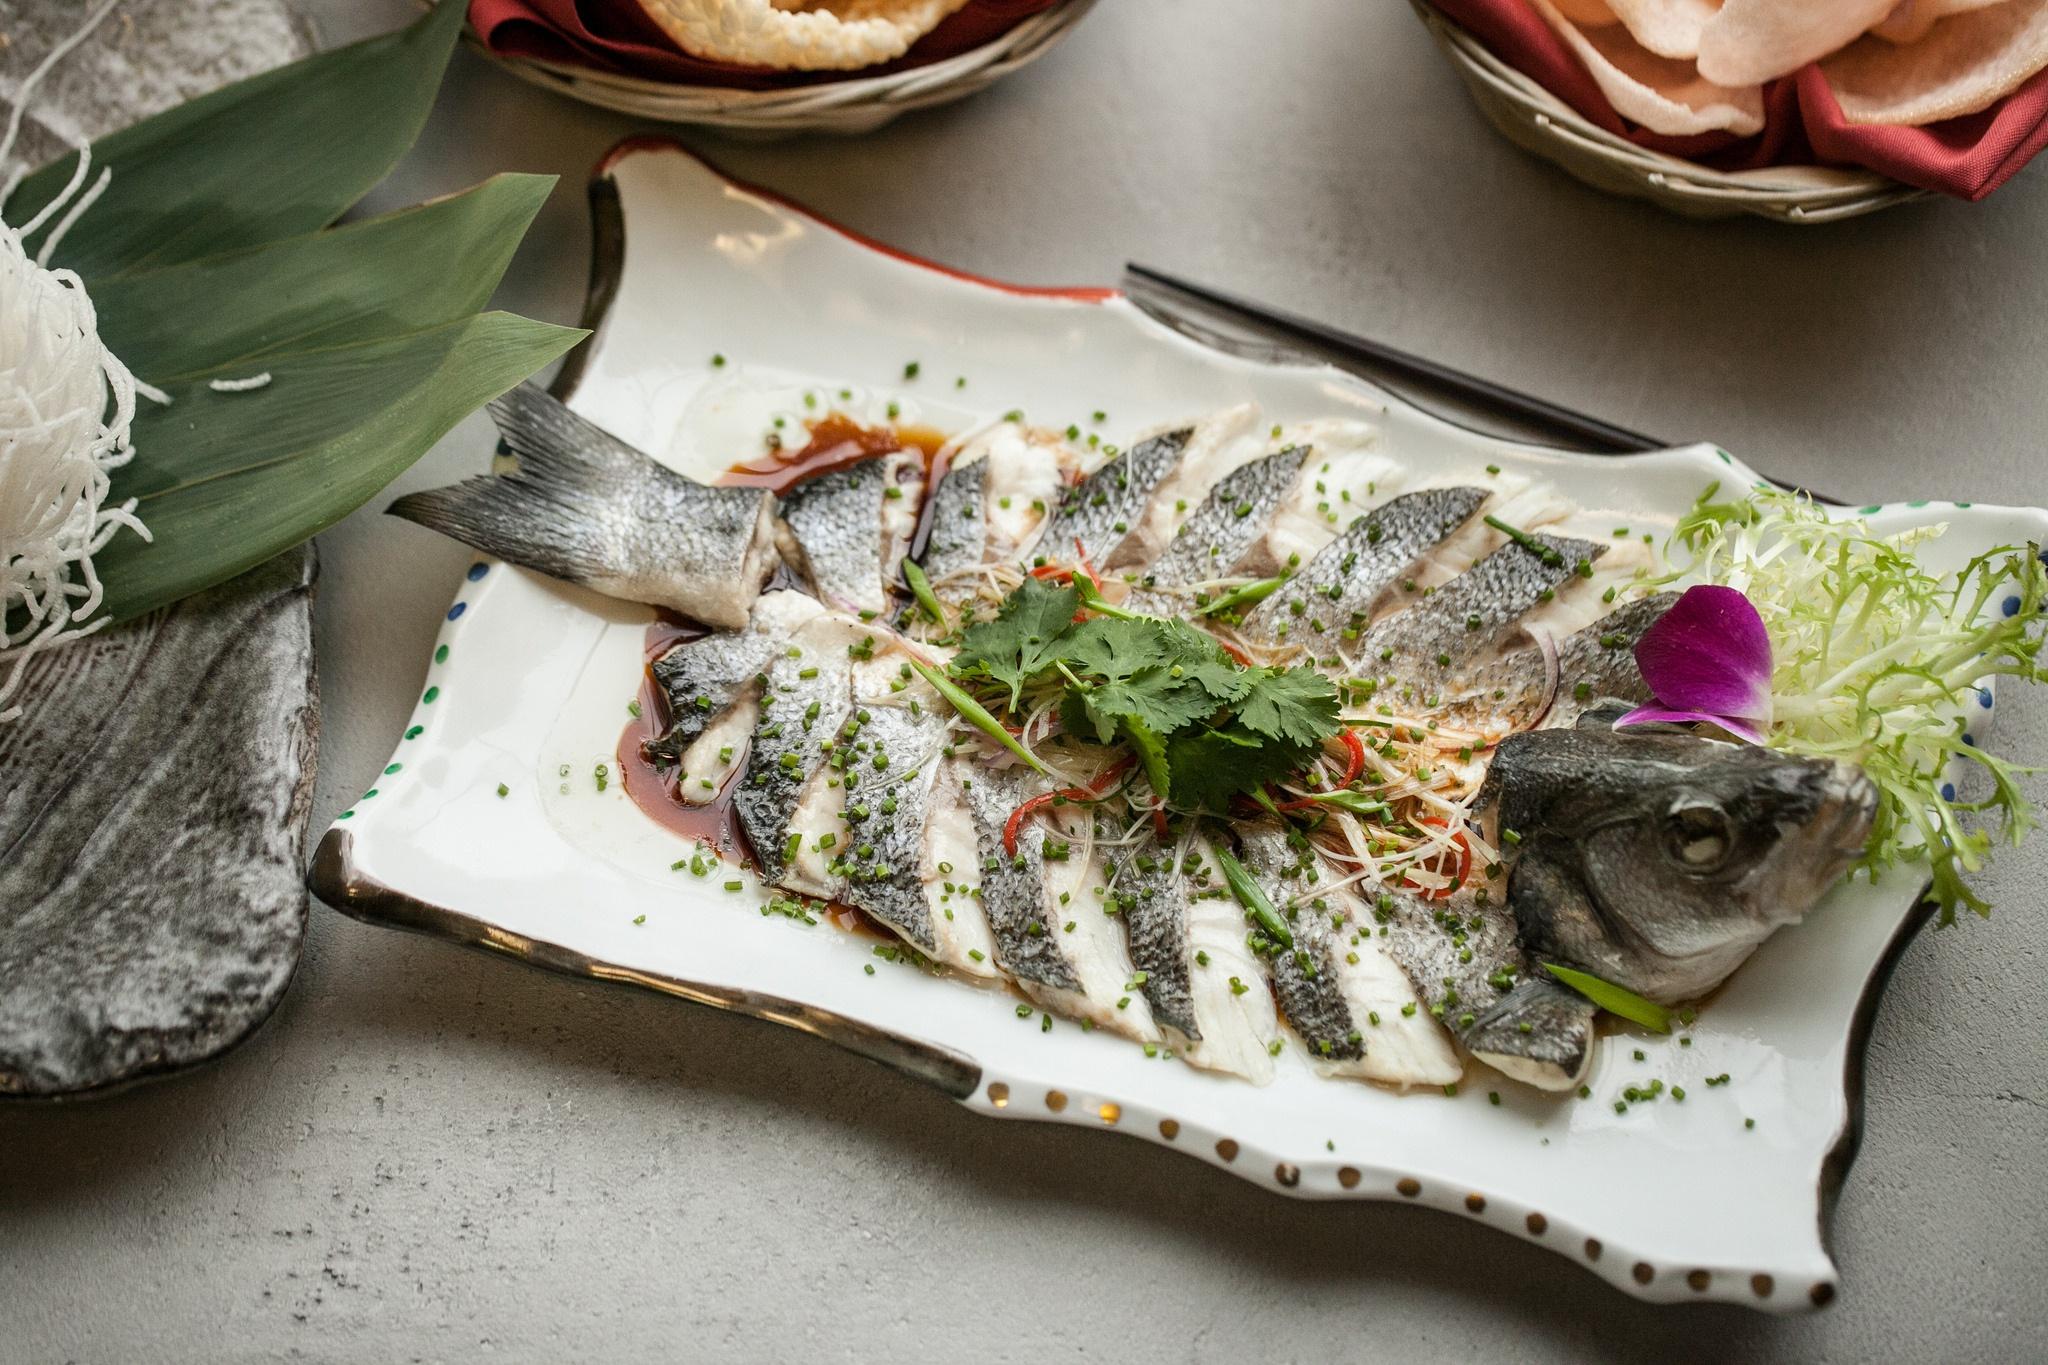 приготовленная рыба с мятой фото на аву появившиеся вашей шее